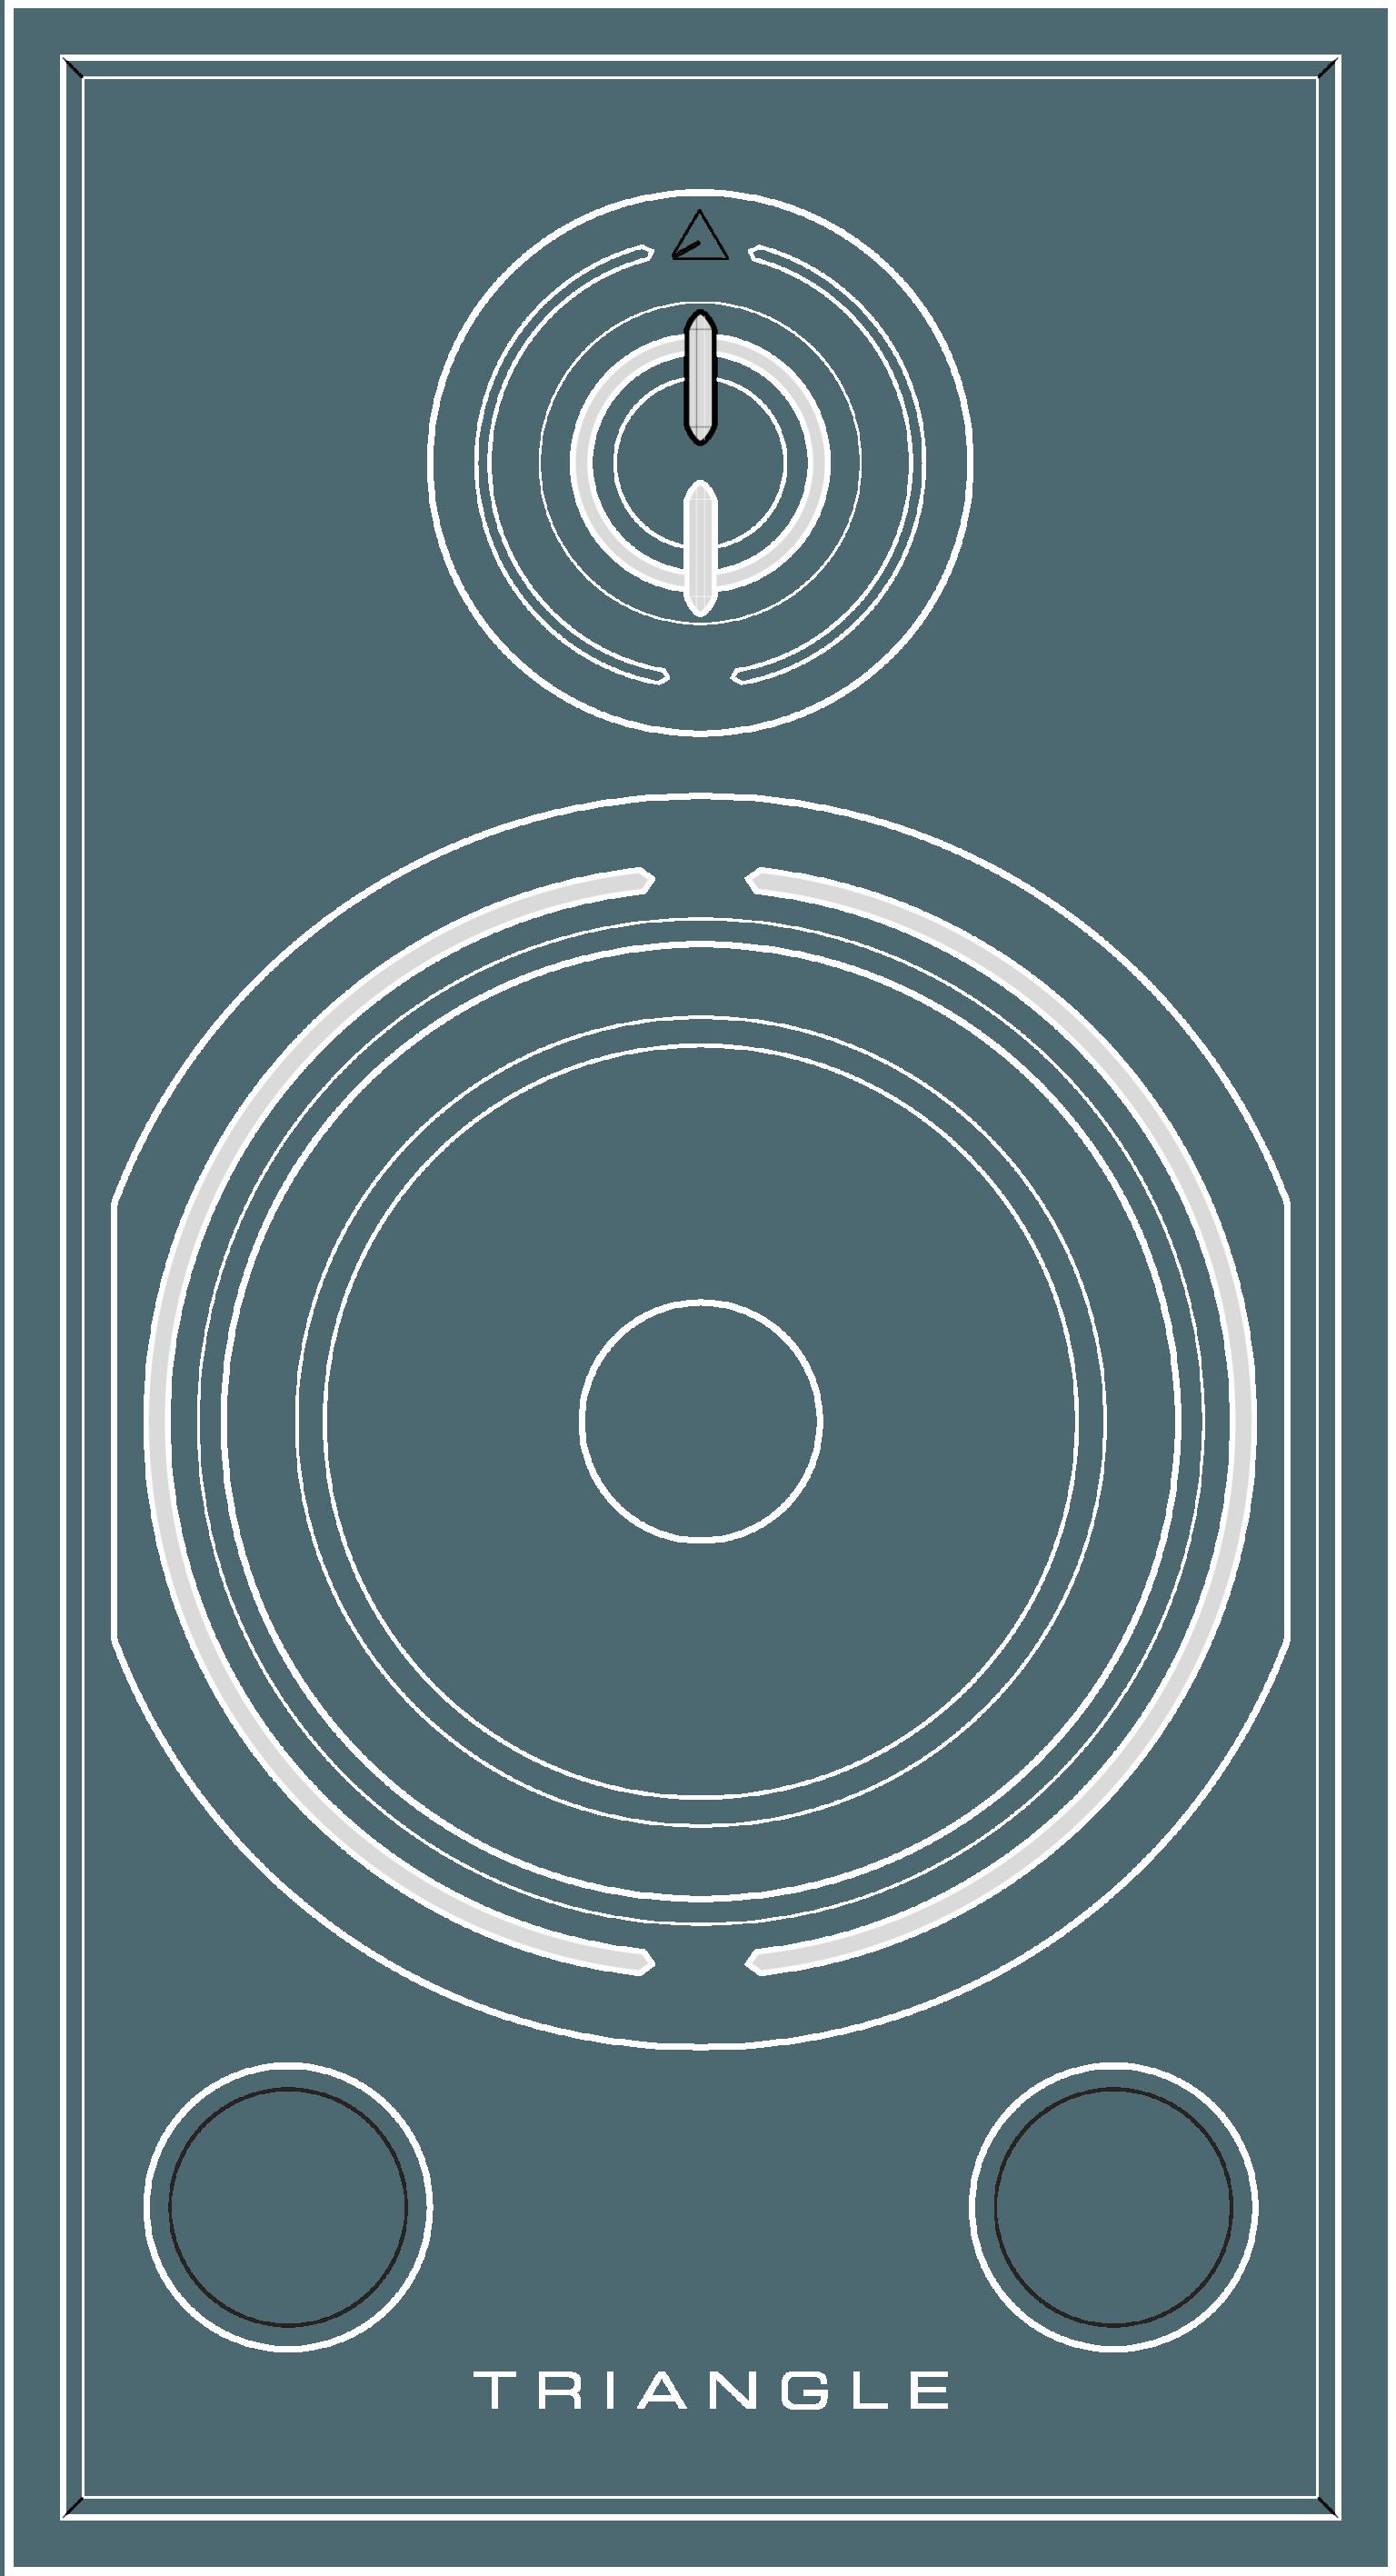 borea-filaire-blanc-br03-1536x2834.png